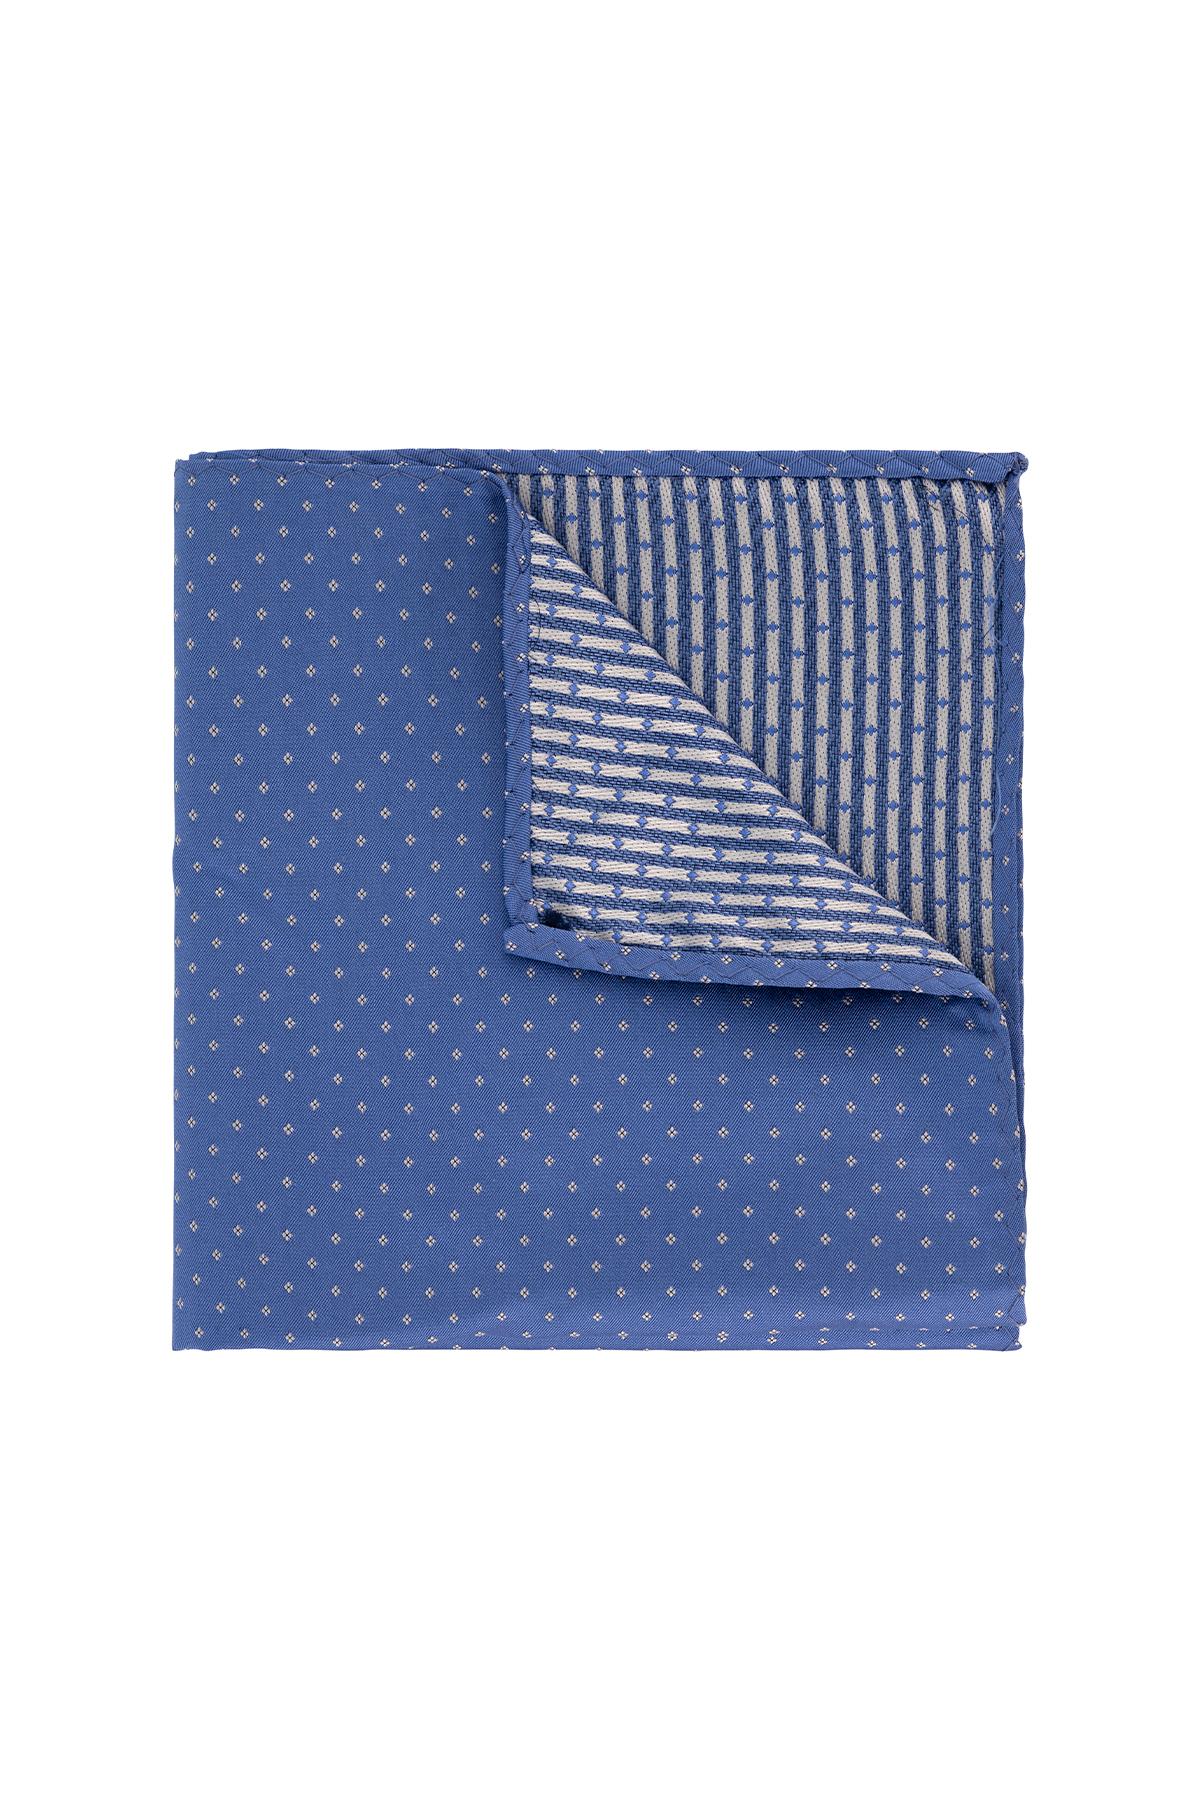 Pañuelo marca Robert´s color azul diseño.